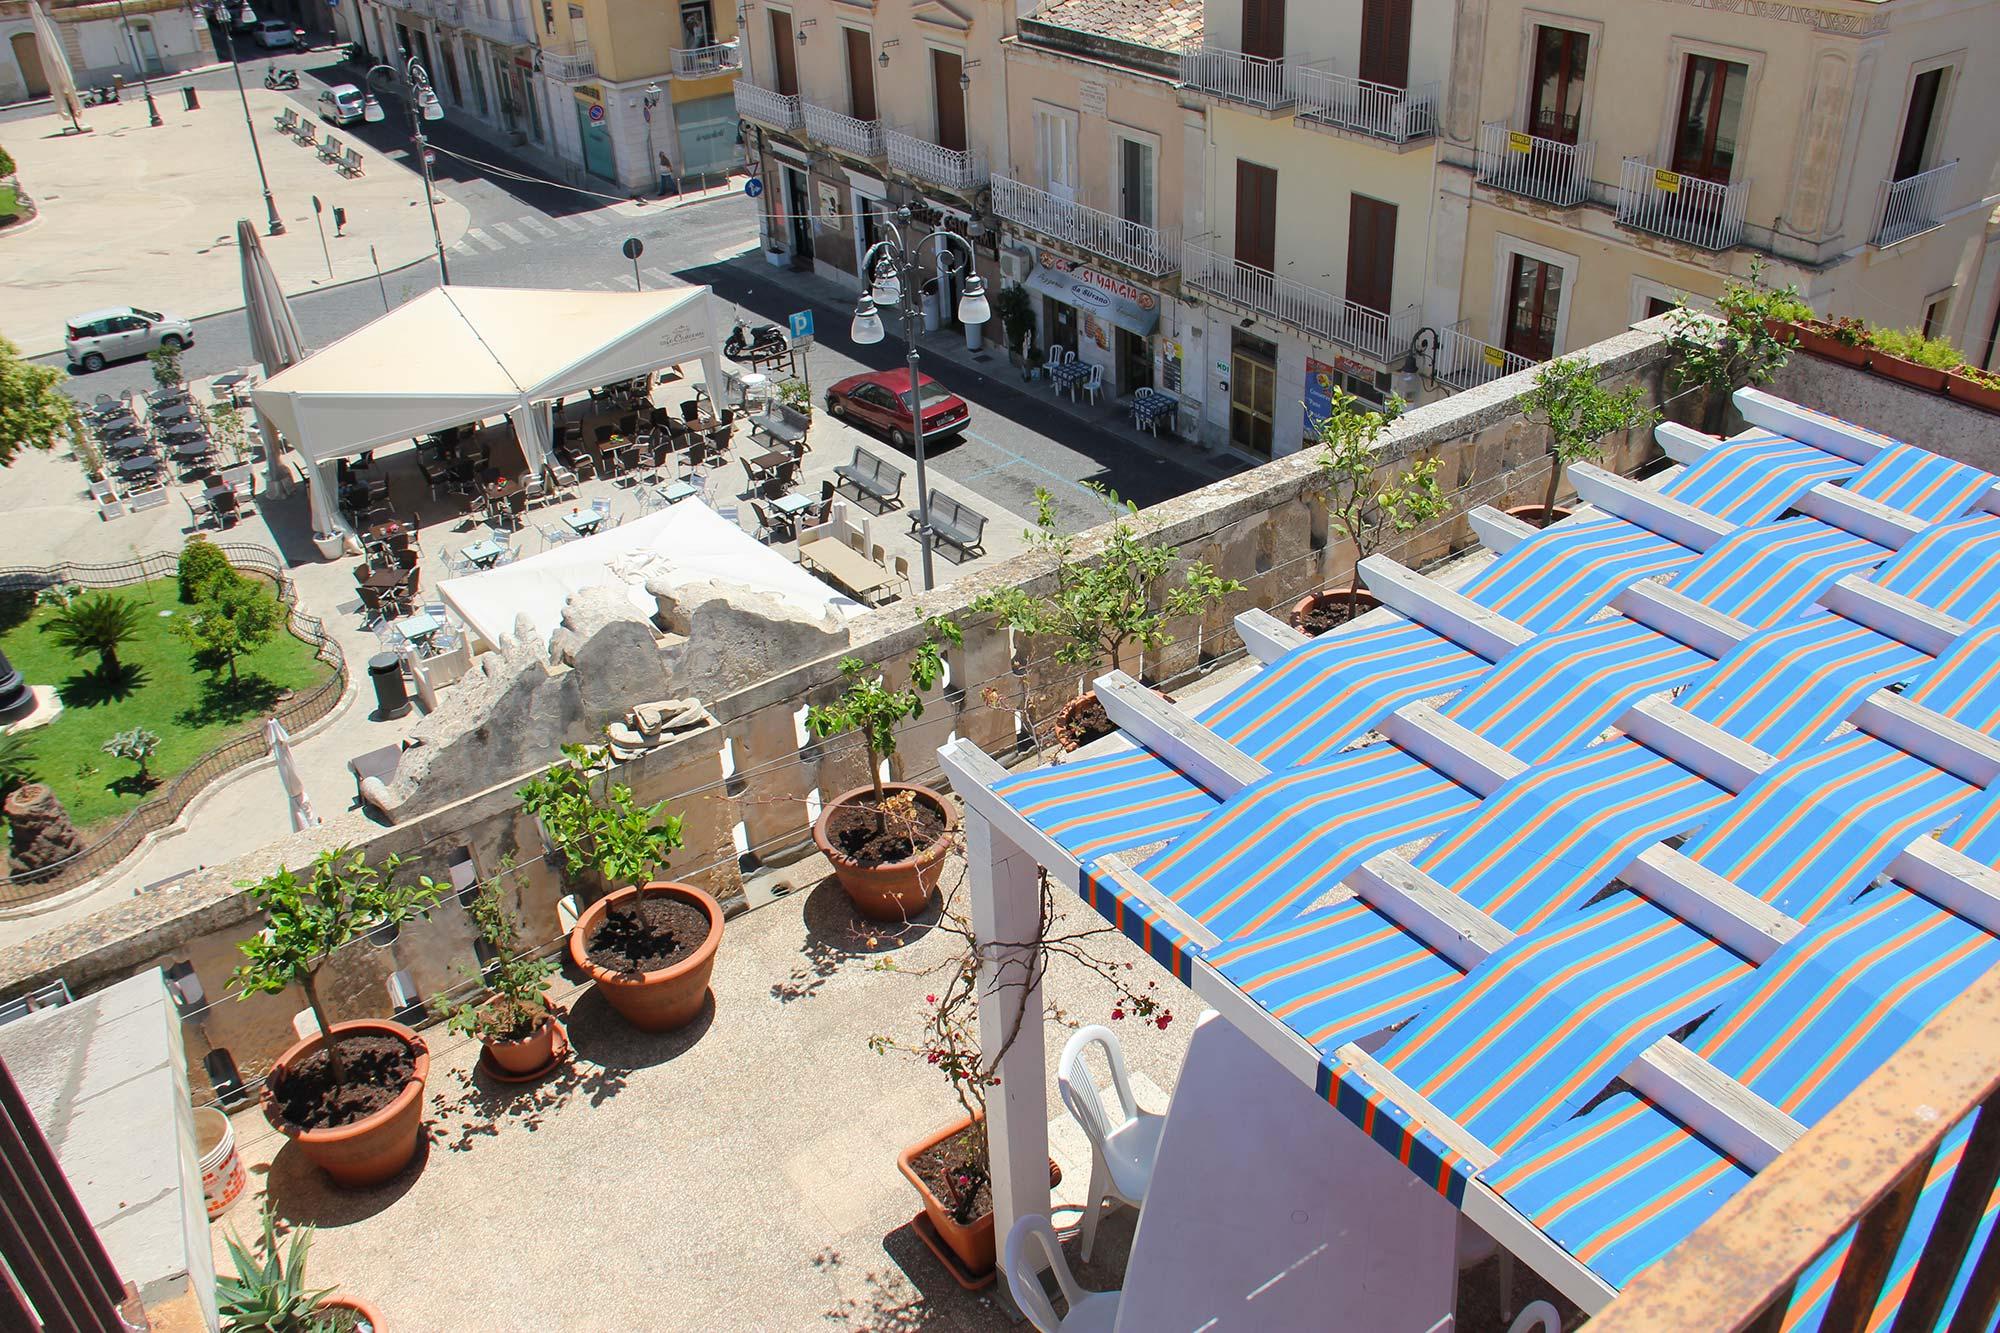 Hotel_Sicilia_Avola_B&B_Avola_Albergo_Sicilia_Piazza_centro_mare_Piazza_terrazza_2